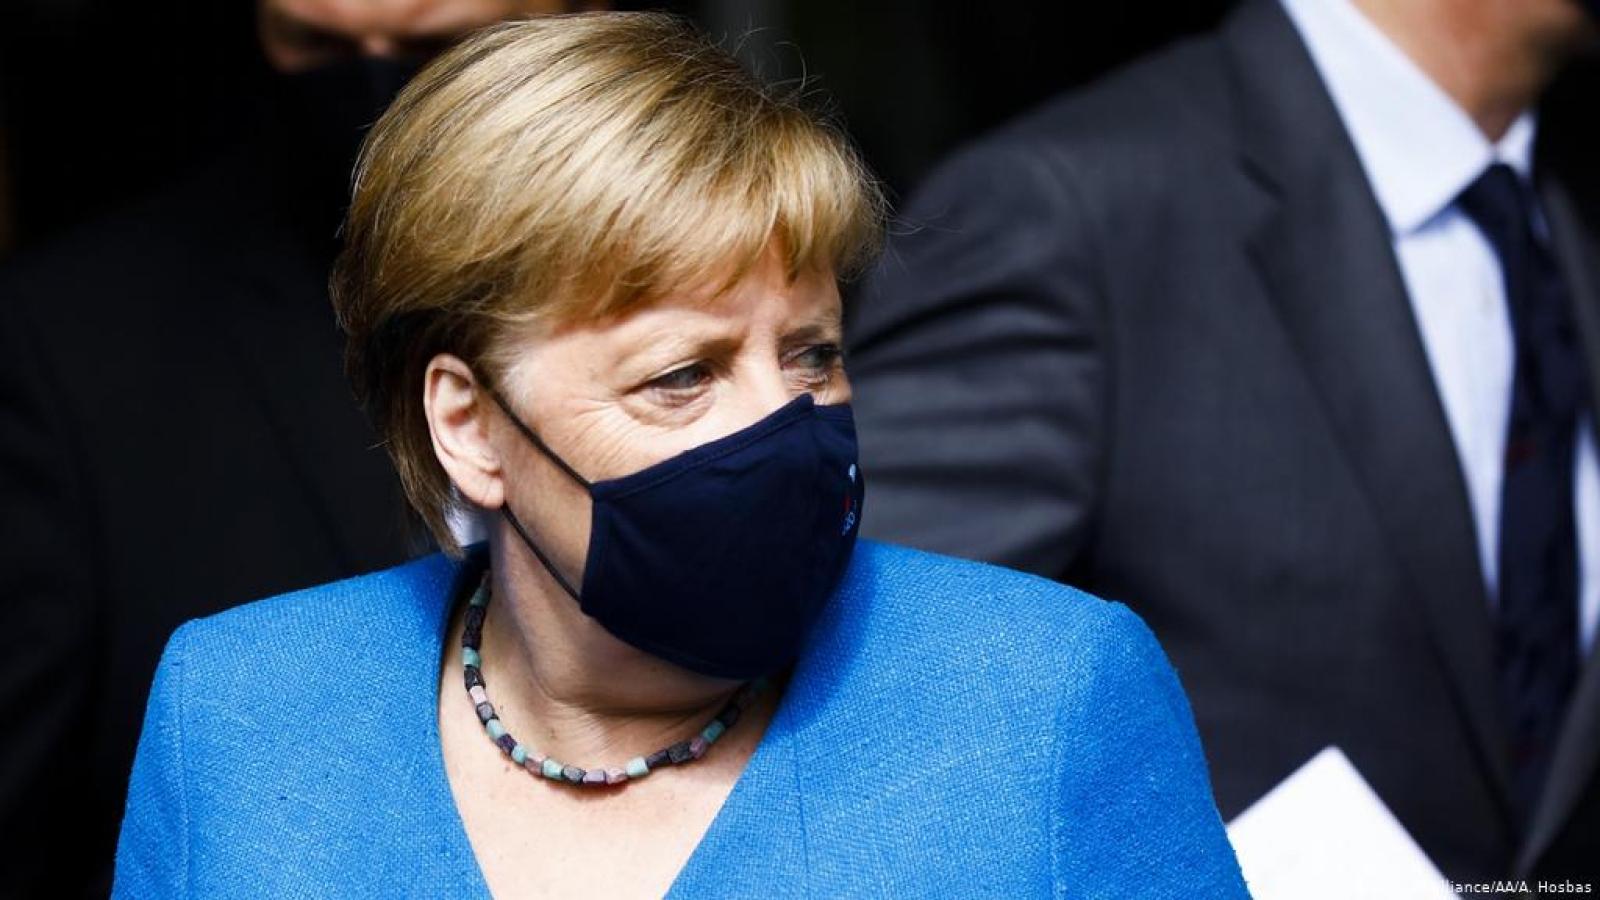 Thủ tướng Đức cảnh báo ngày tháng khó khăn do dịch COVID-19